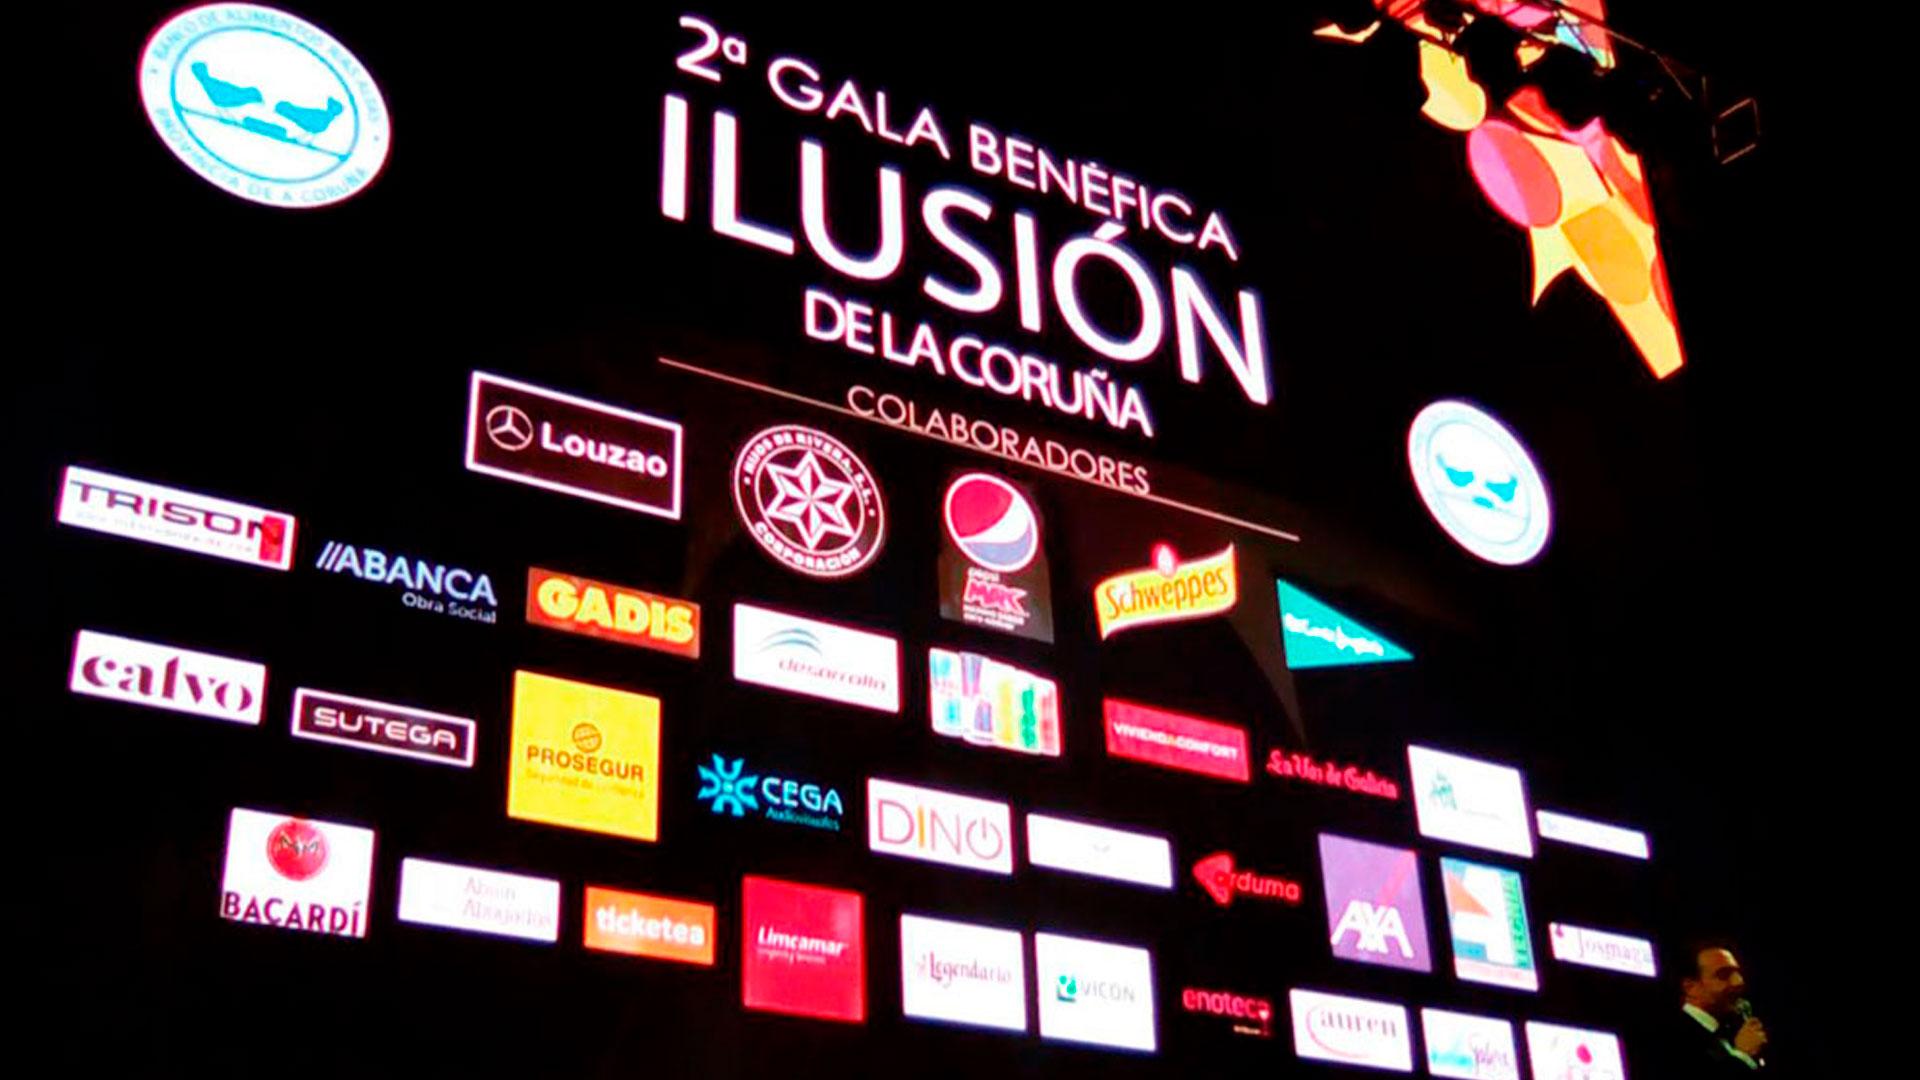 Joyería Calvo colaboró junto con otras empresas de la ciudad en la II Gala Benéfica Ilusión